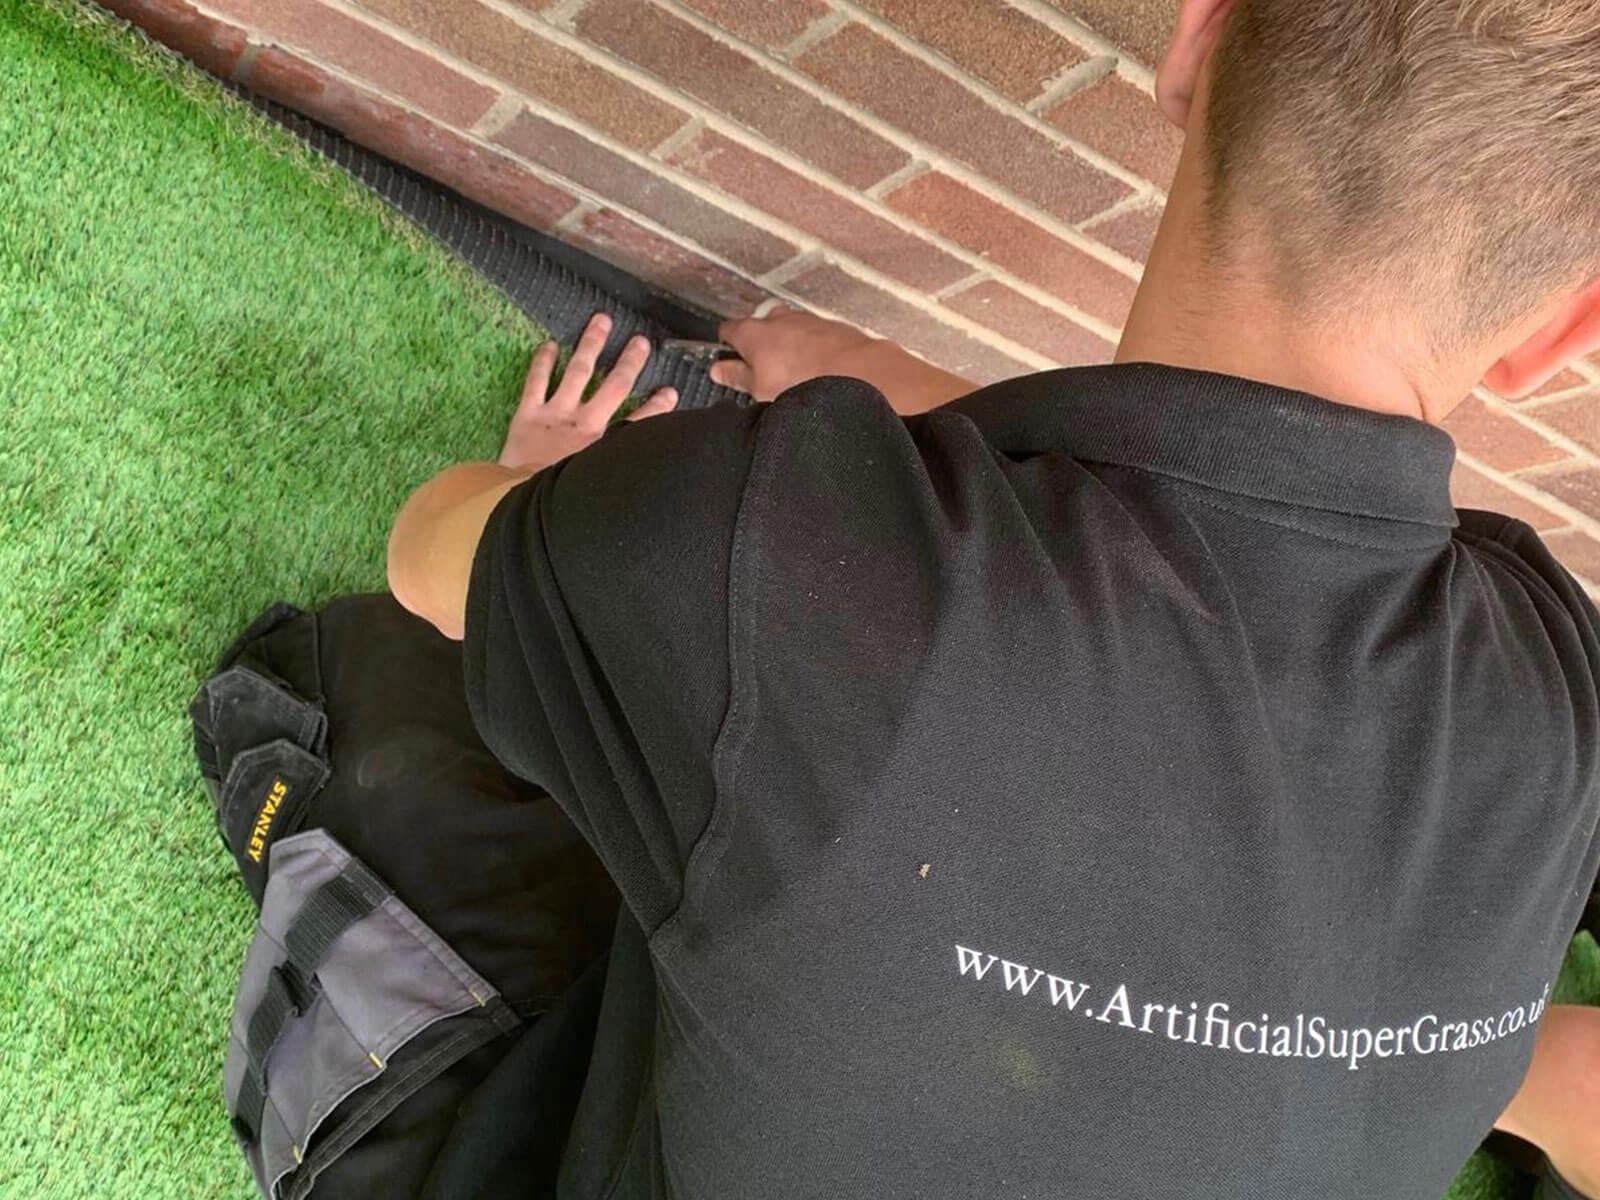 Best Quality Artificial Grass Gainsborough Artificial Super Grass